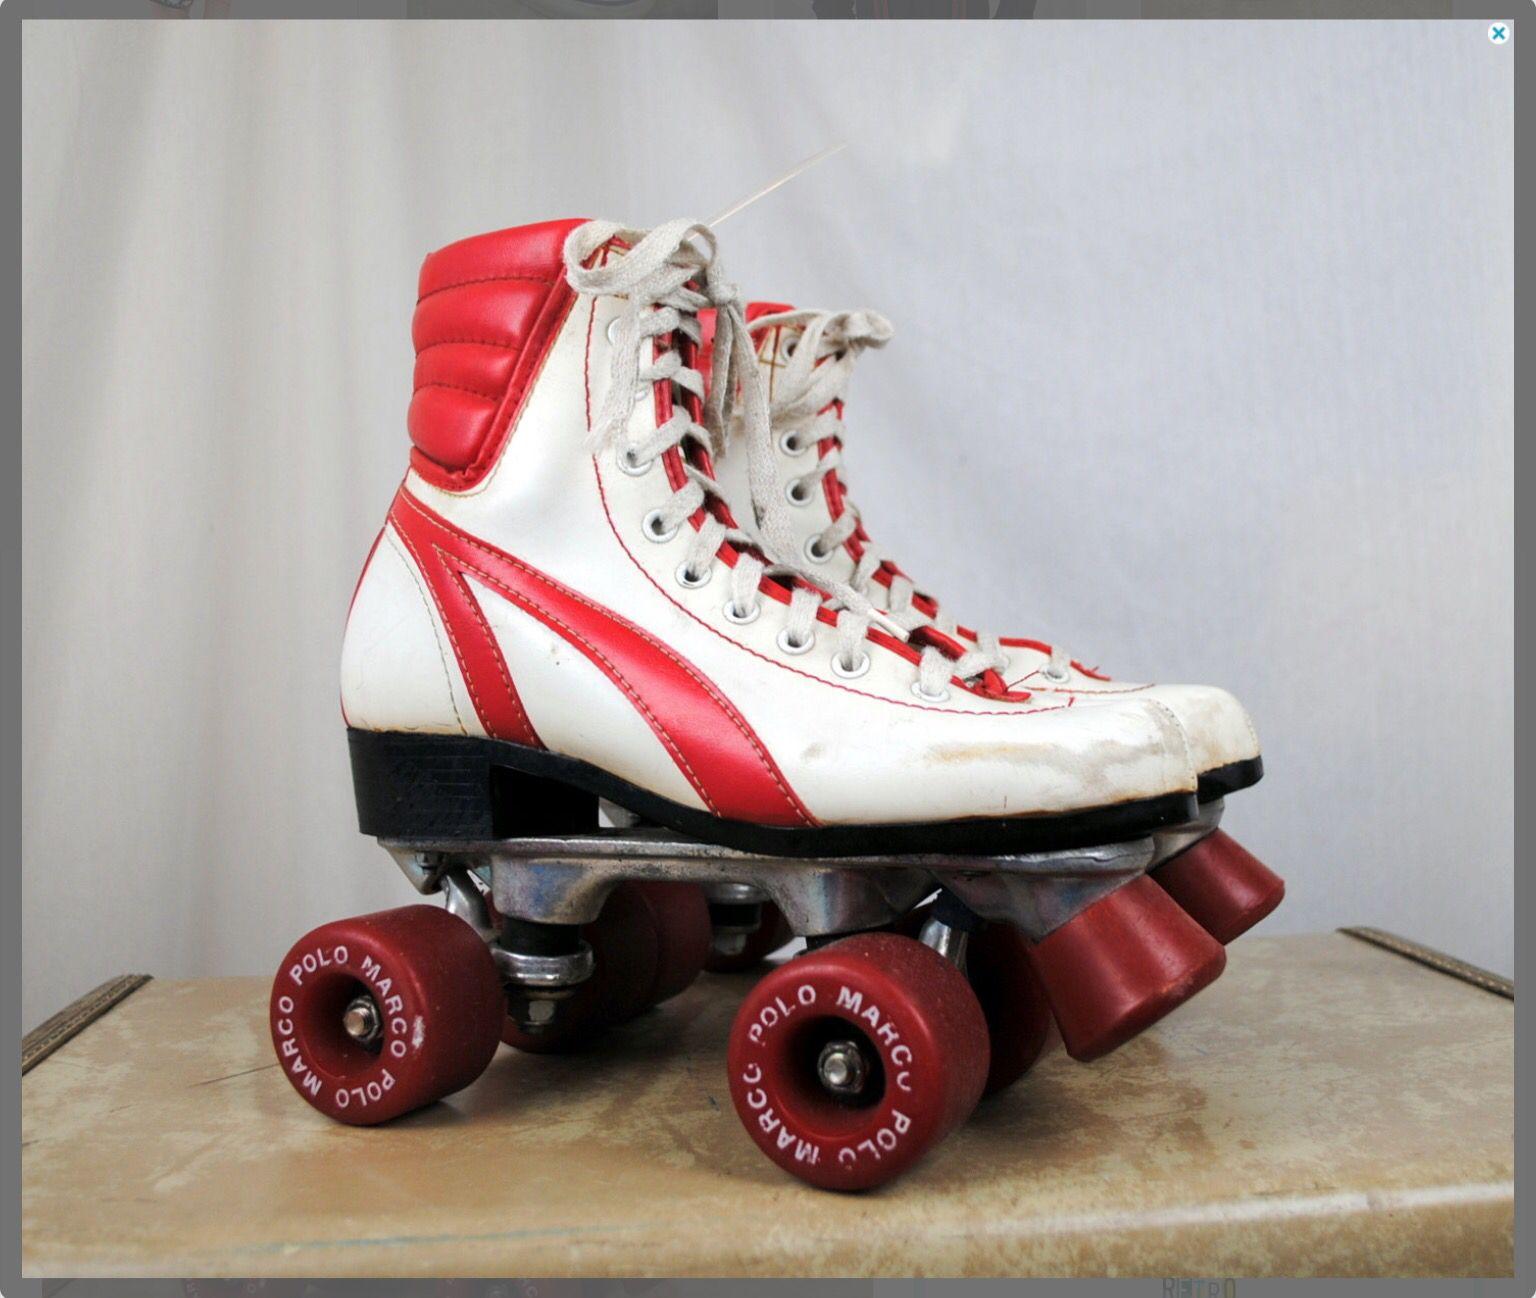 80s Marco Polo Warrior Roller skates via Etsy seller Rogue Retro :-D ...